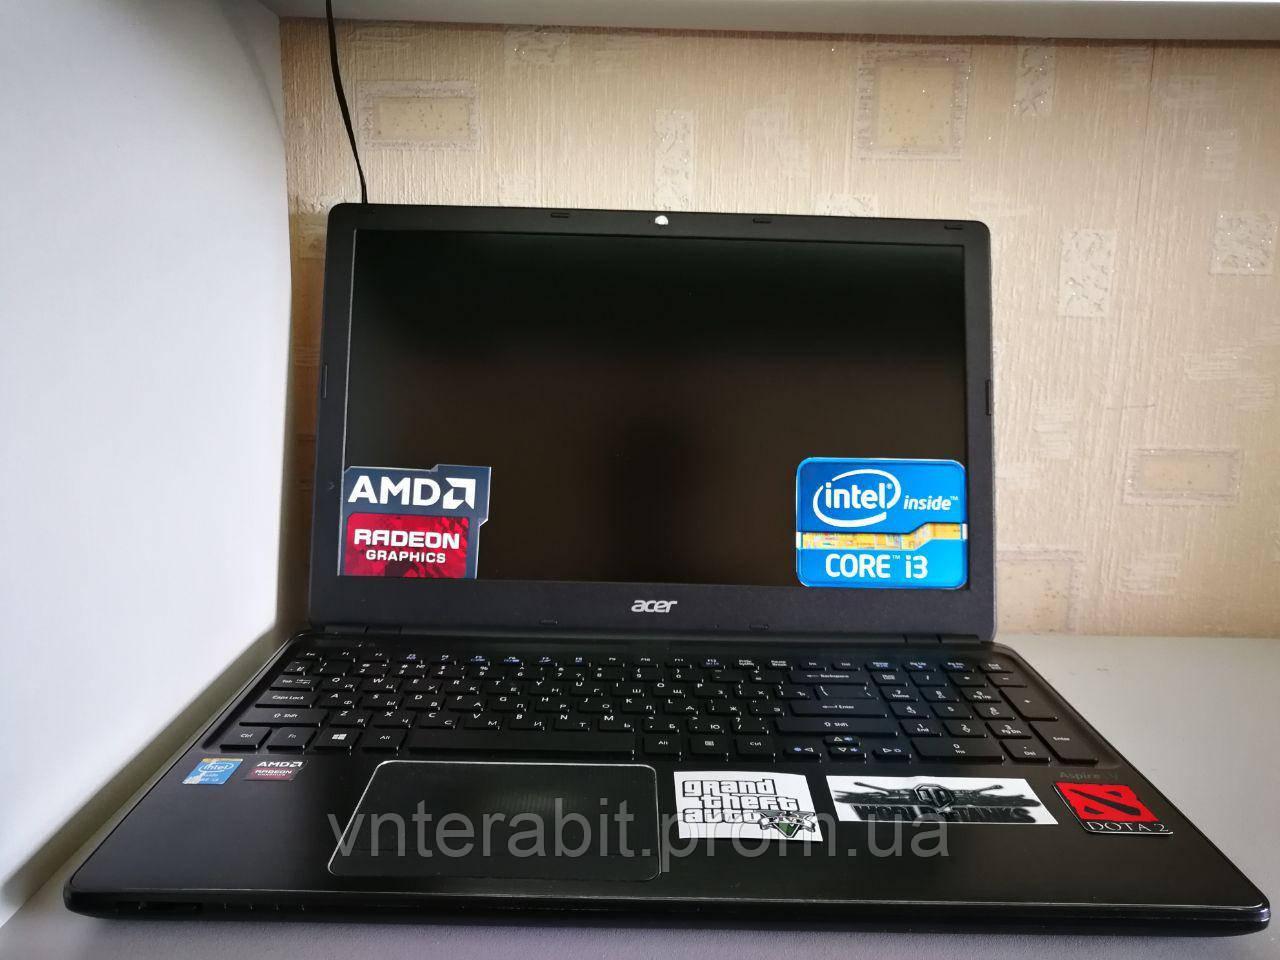 Ноутбук Acer V5-561G/Intel Core i3-4010U(1.7GHz)/8GB/500GB/R7 M265 2GB